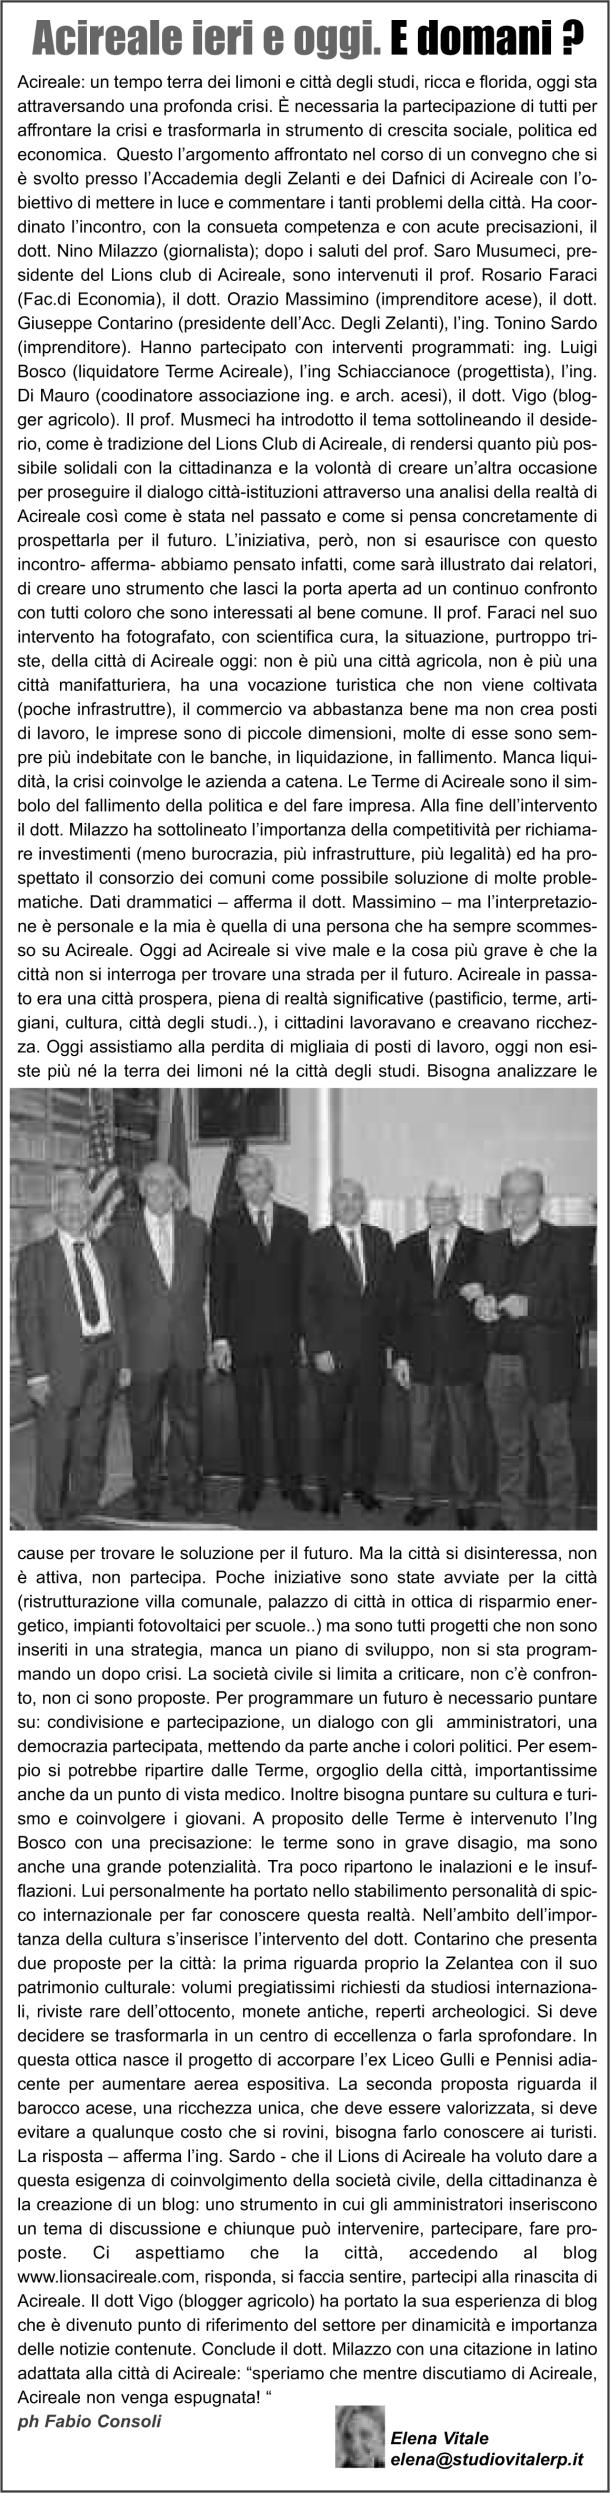 akis-4maggio2013